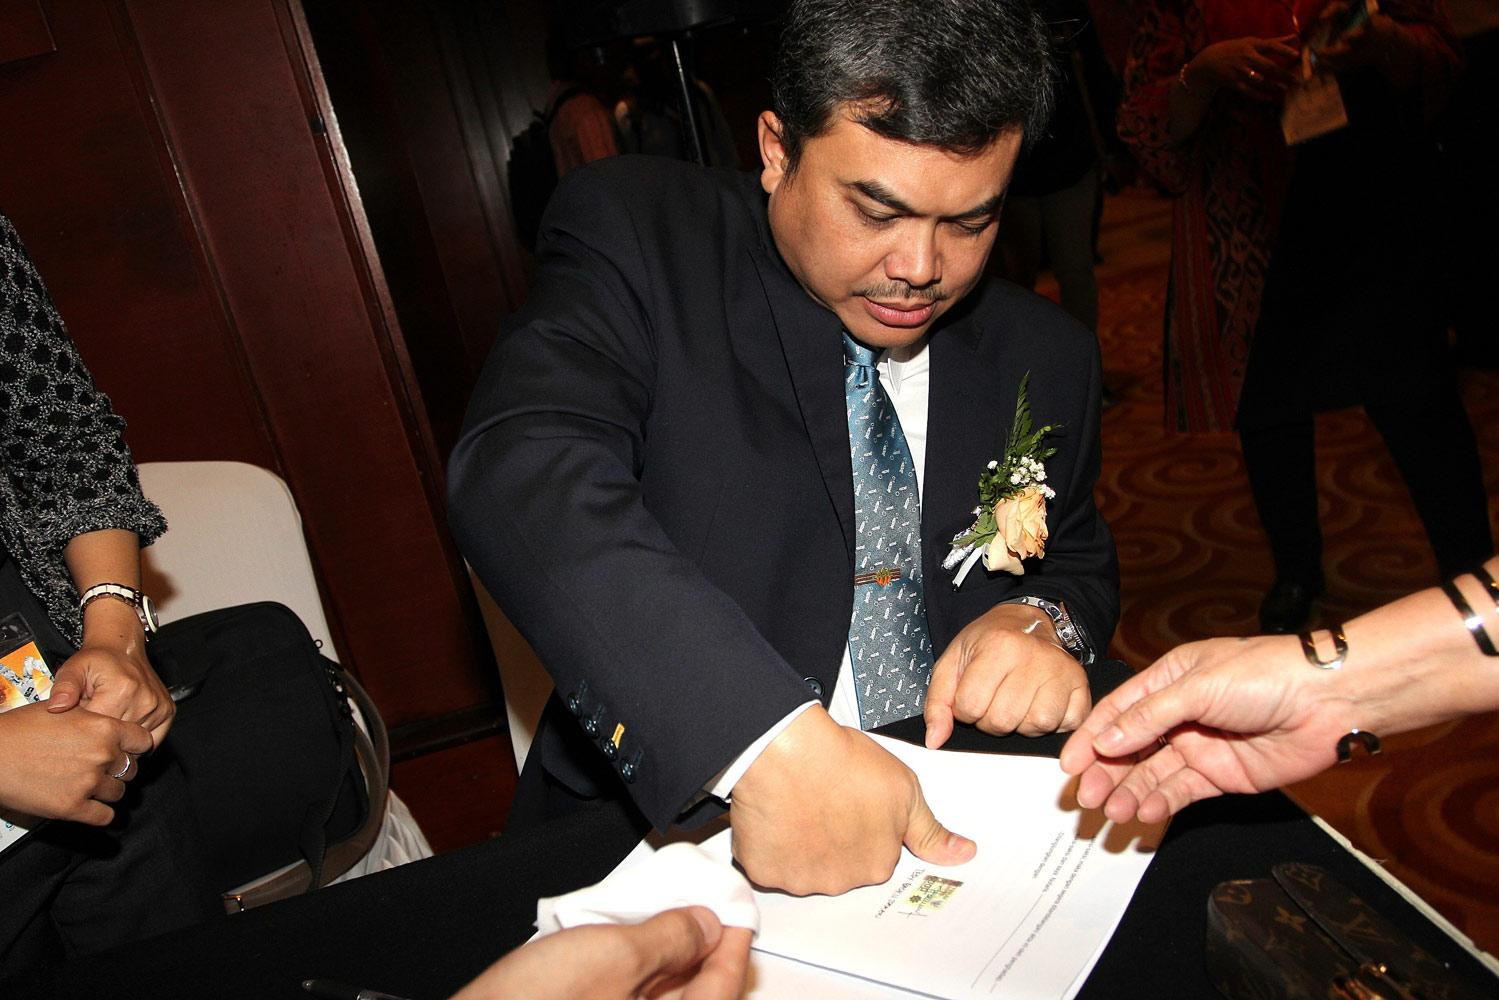 Direktur Utama, Tedy Badrujaman menandatangani berkas notariat seusai Rapat Umum Pemegang Saham Luar Biasa (RUPSLB) PT Antam yang diselenggarakan di Jakarta, Rabu, (07/10).